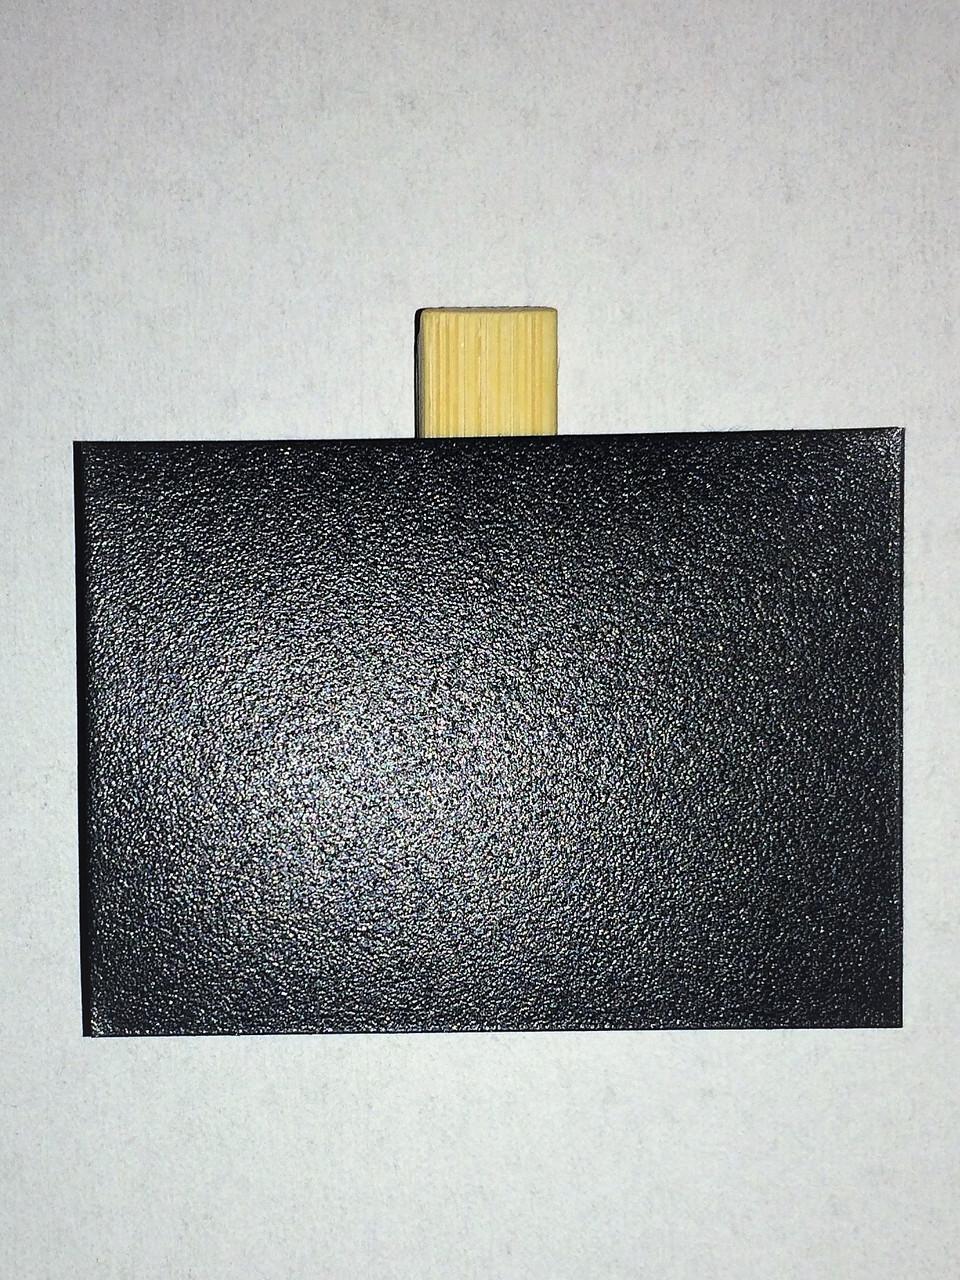 Ценник меловой 5х5 см на прищепке для мела и маркера. Грифельная табличка. Крейдовий цінник чорний